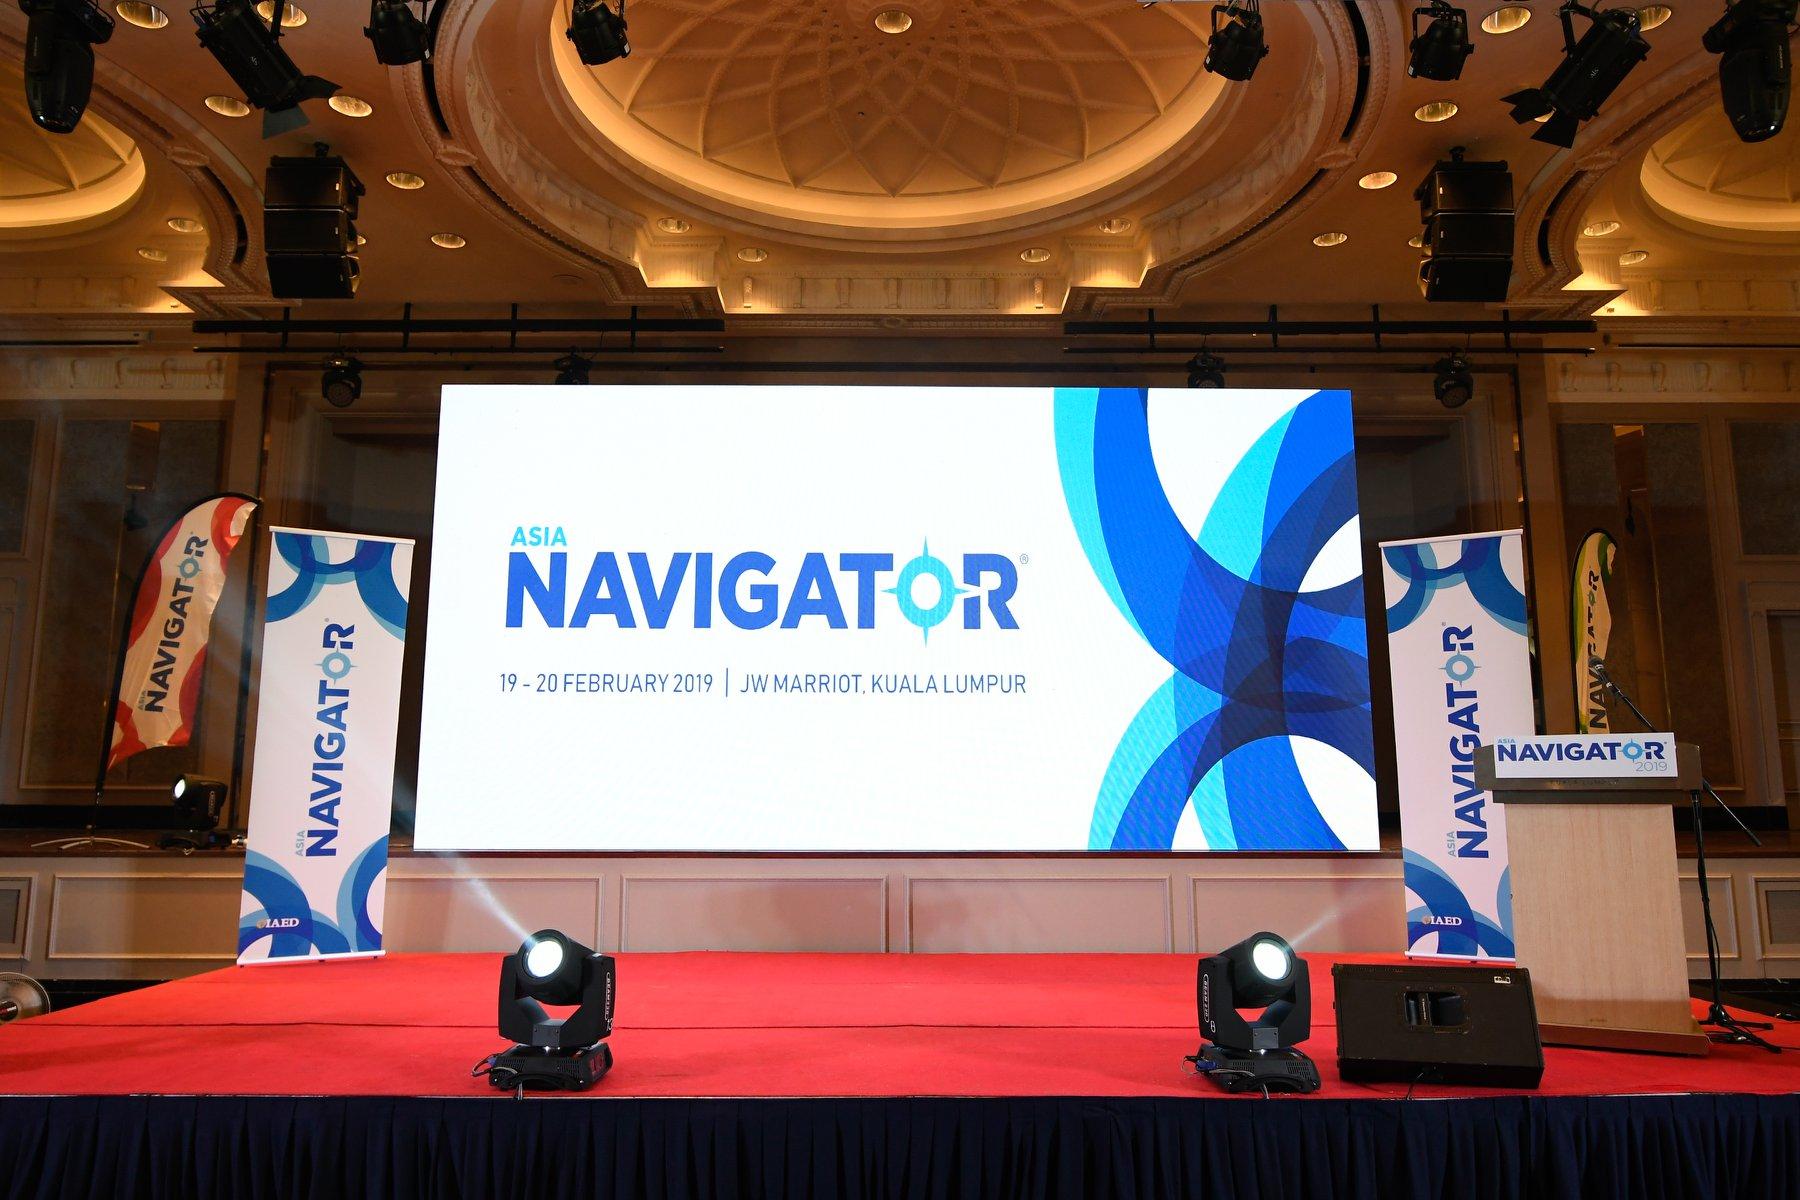 Asia Navigator 2019